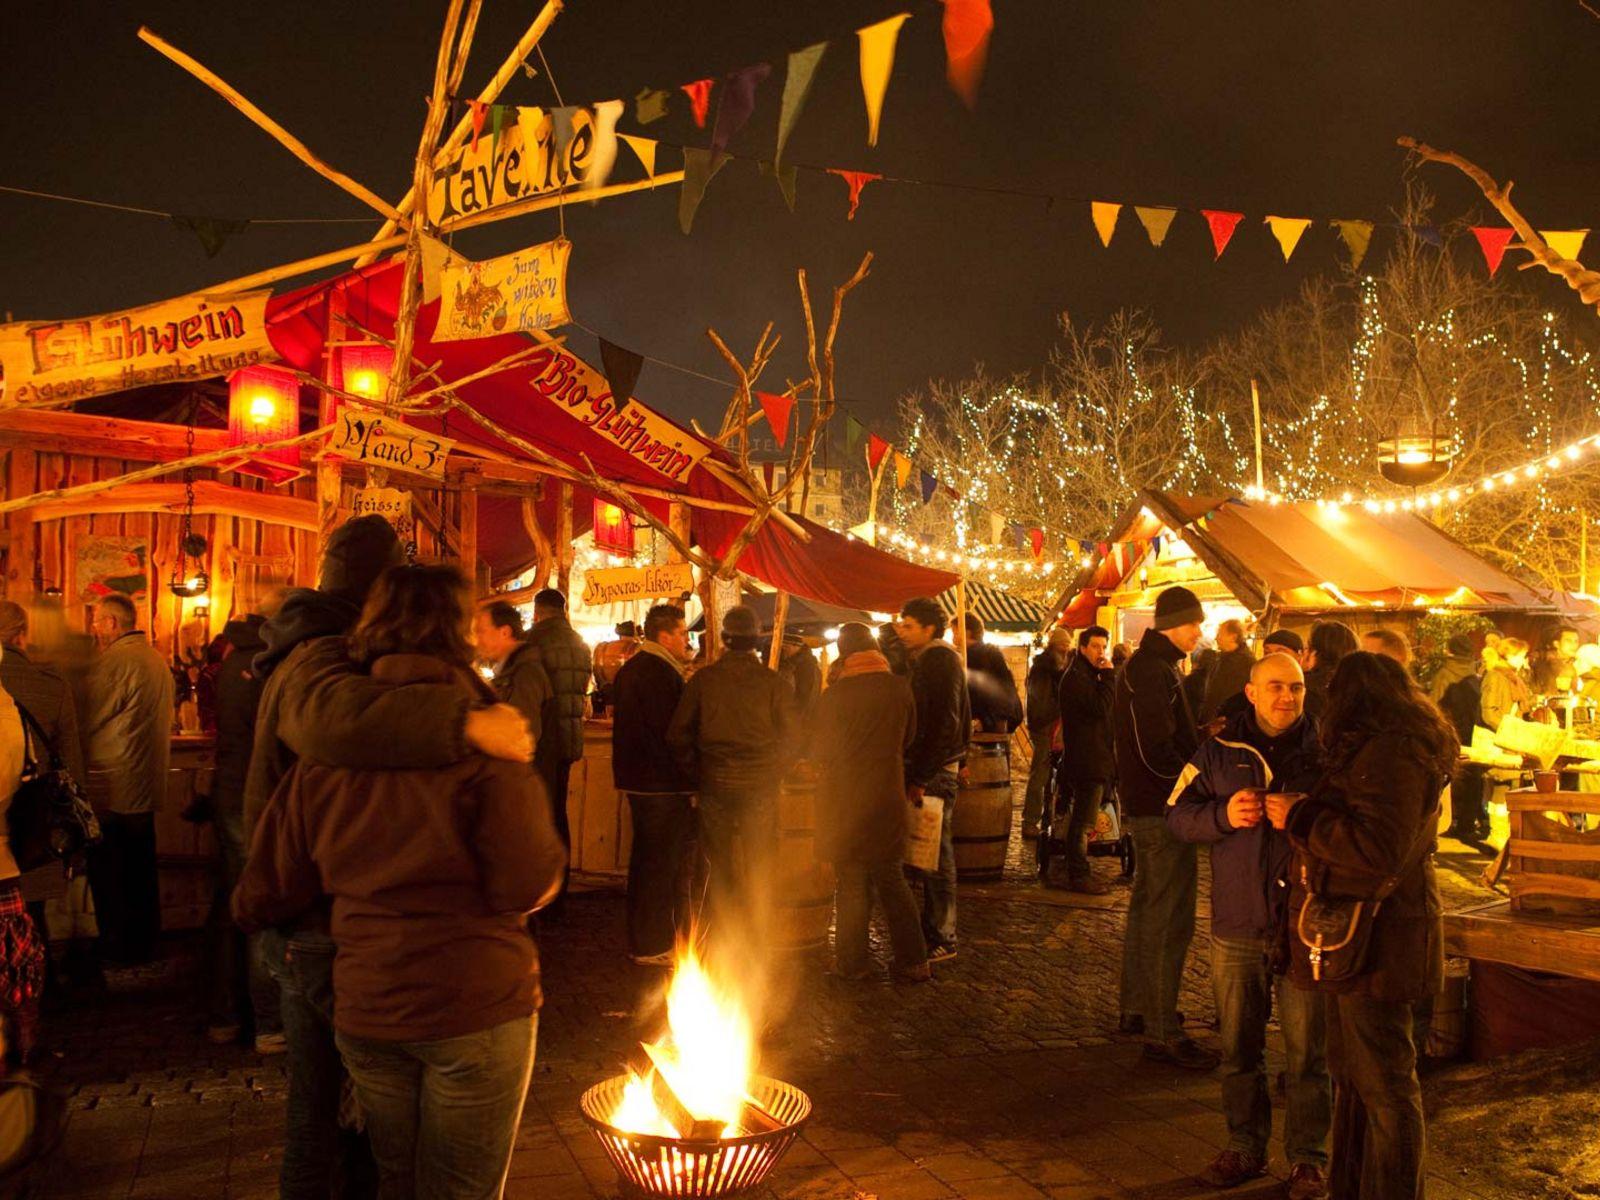 Weihnachtsmarkt Fürth.Weihnachtsmärkte In Fürth